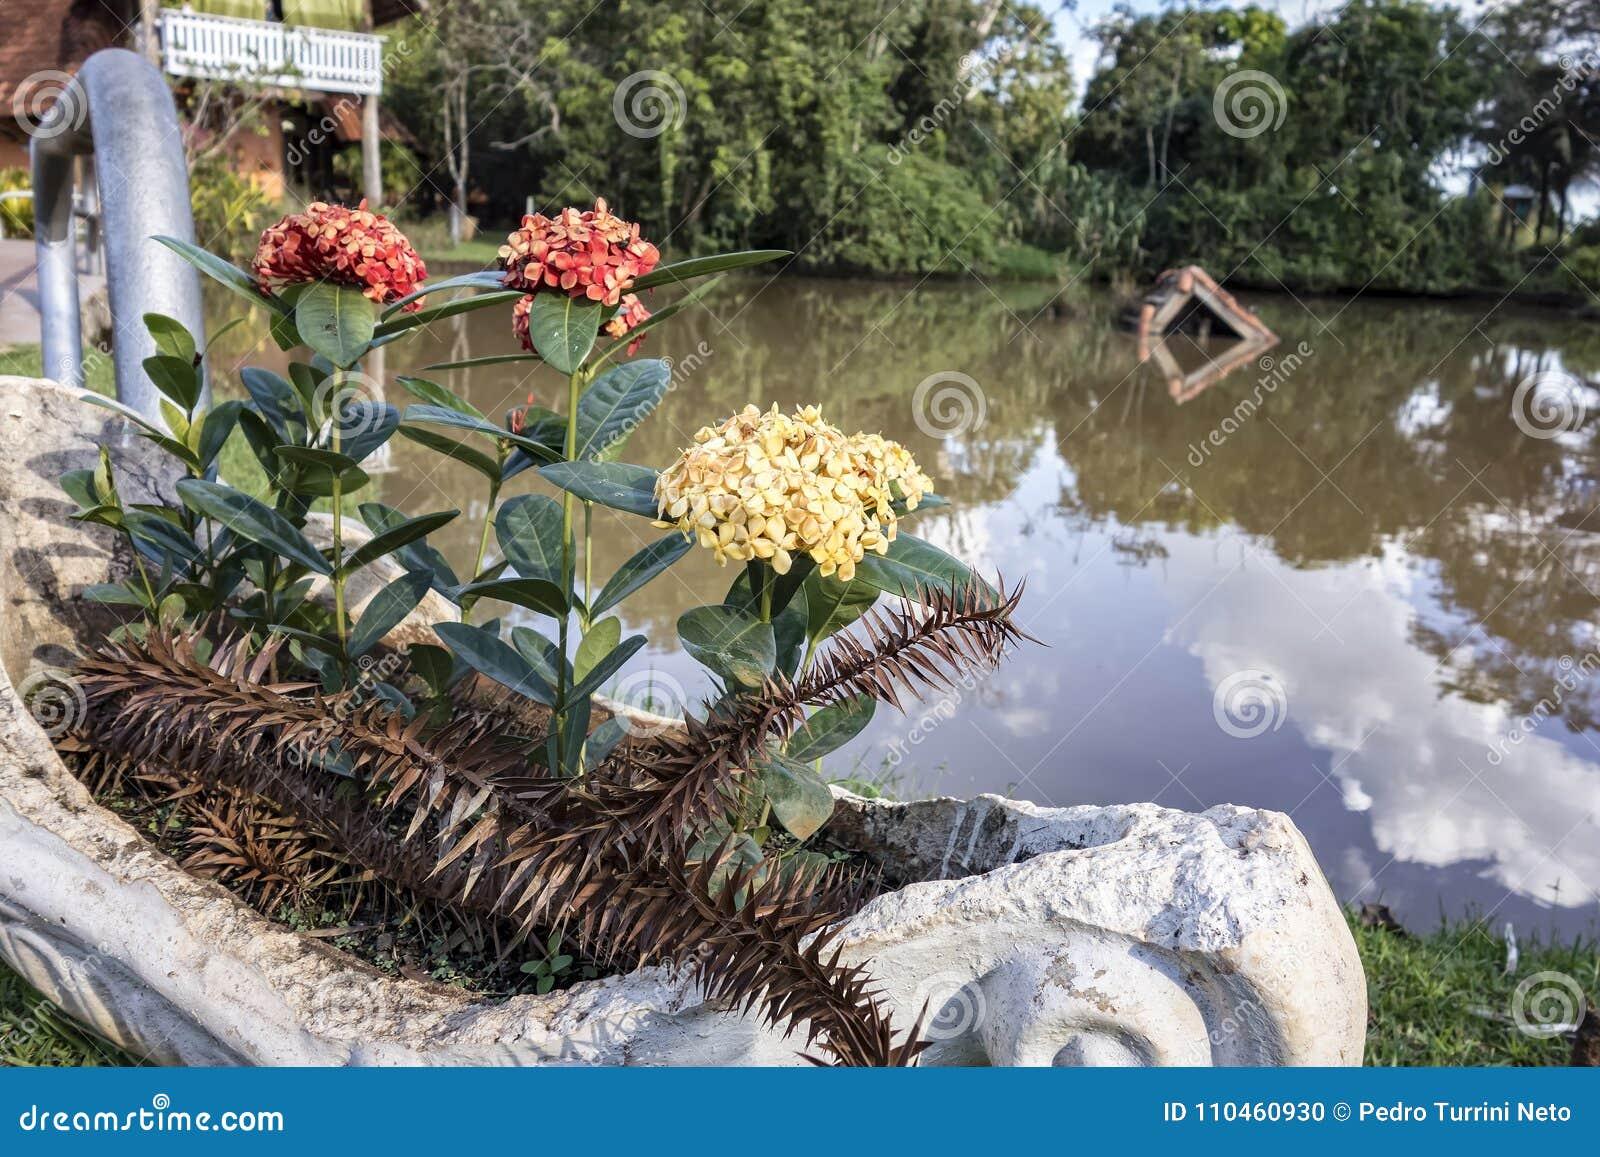 Ixora vasdetalj i solig dag med sjön i bakgrund